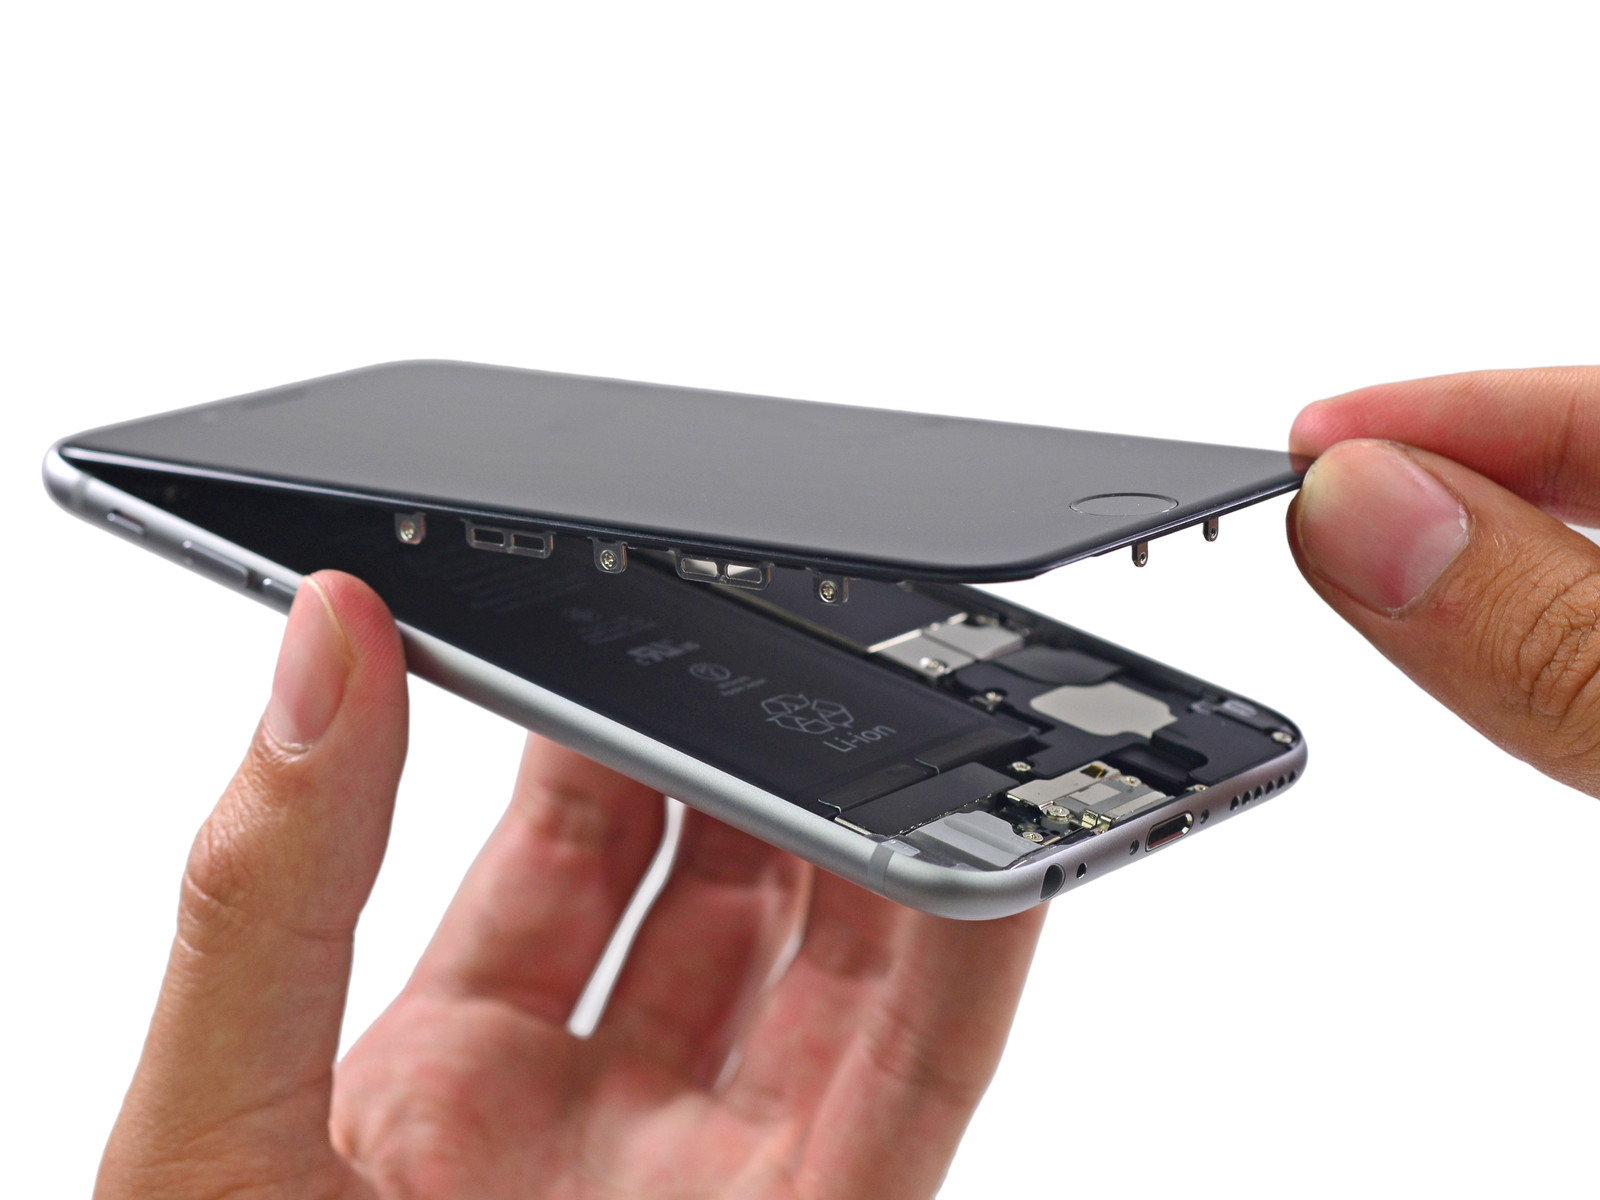 Bệnh cảm ứng của iPhone 6/6 Plus xuất hiện khá nhiều tại Việt Nam?